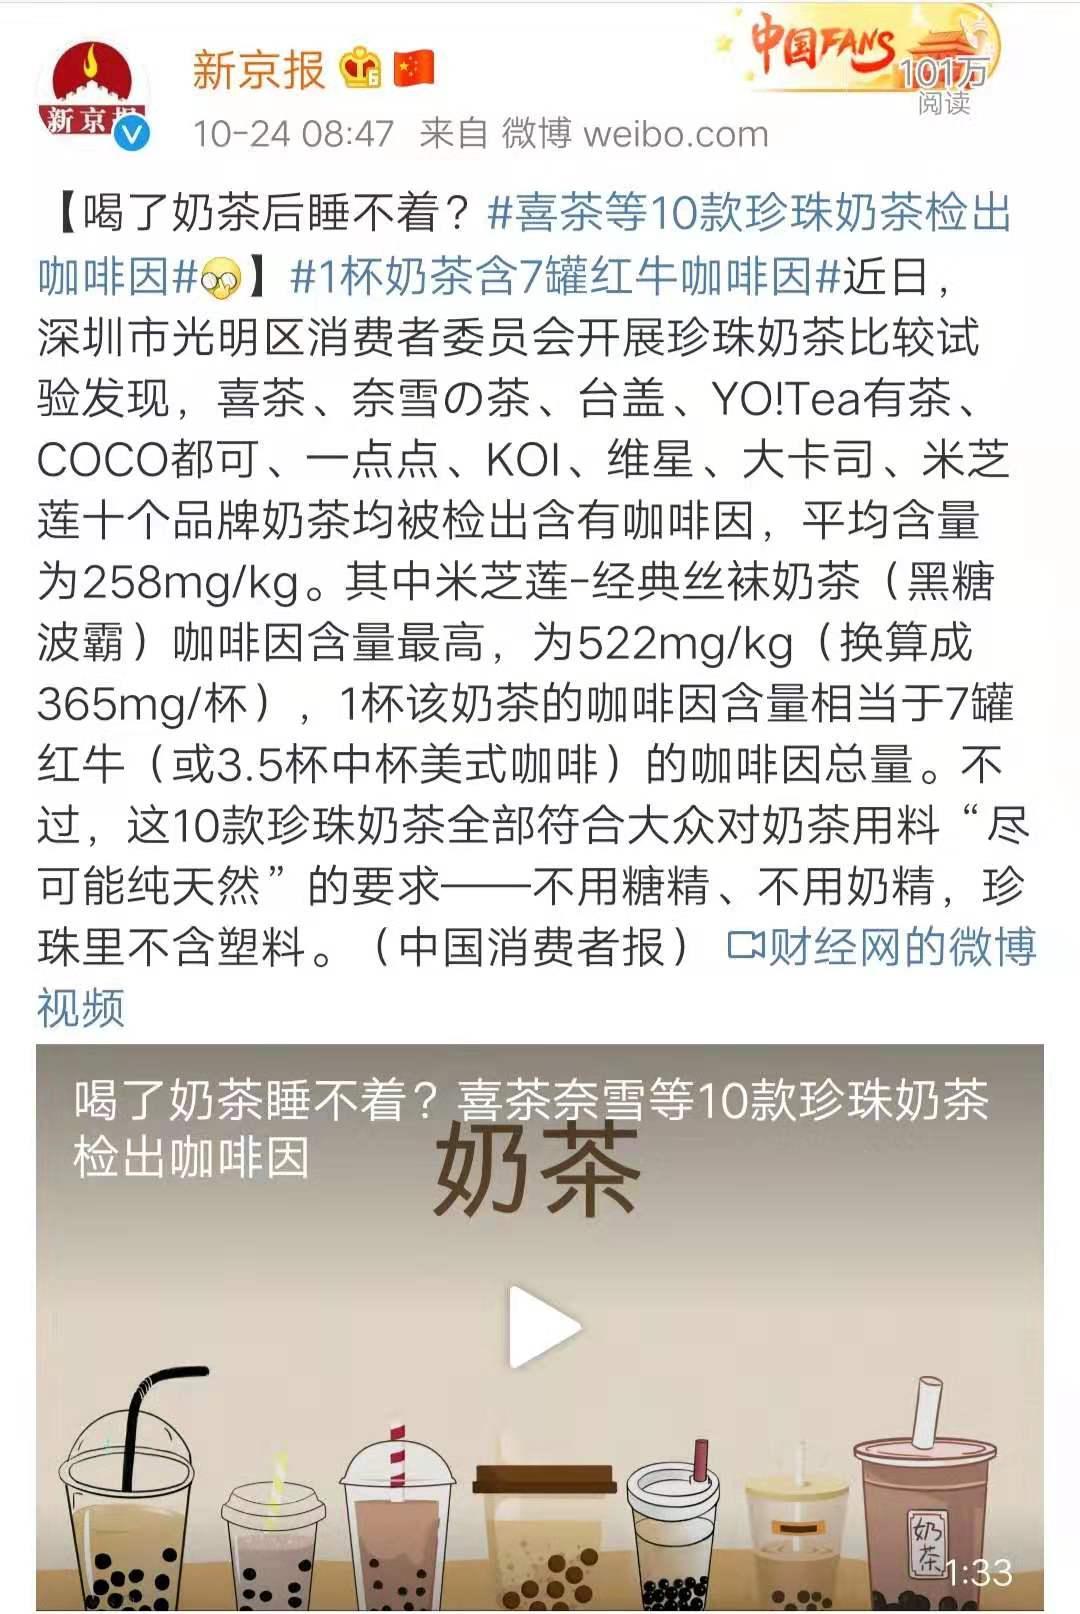 台湾钱柜彩票群-奥委会保留部分赛事转播权,奥林匹克频道推动赞助方与观众的双赢